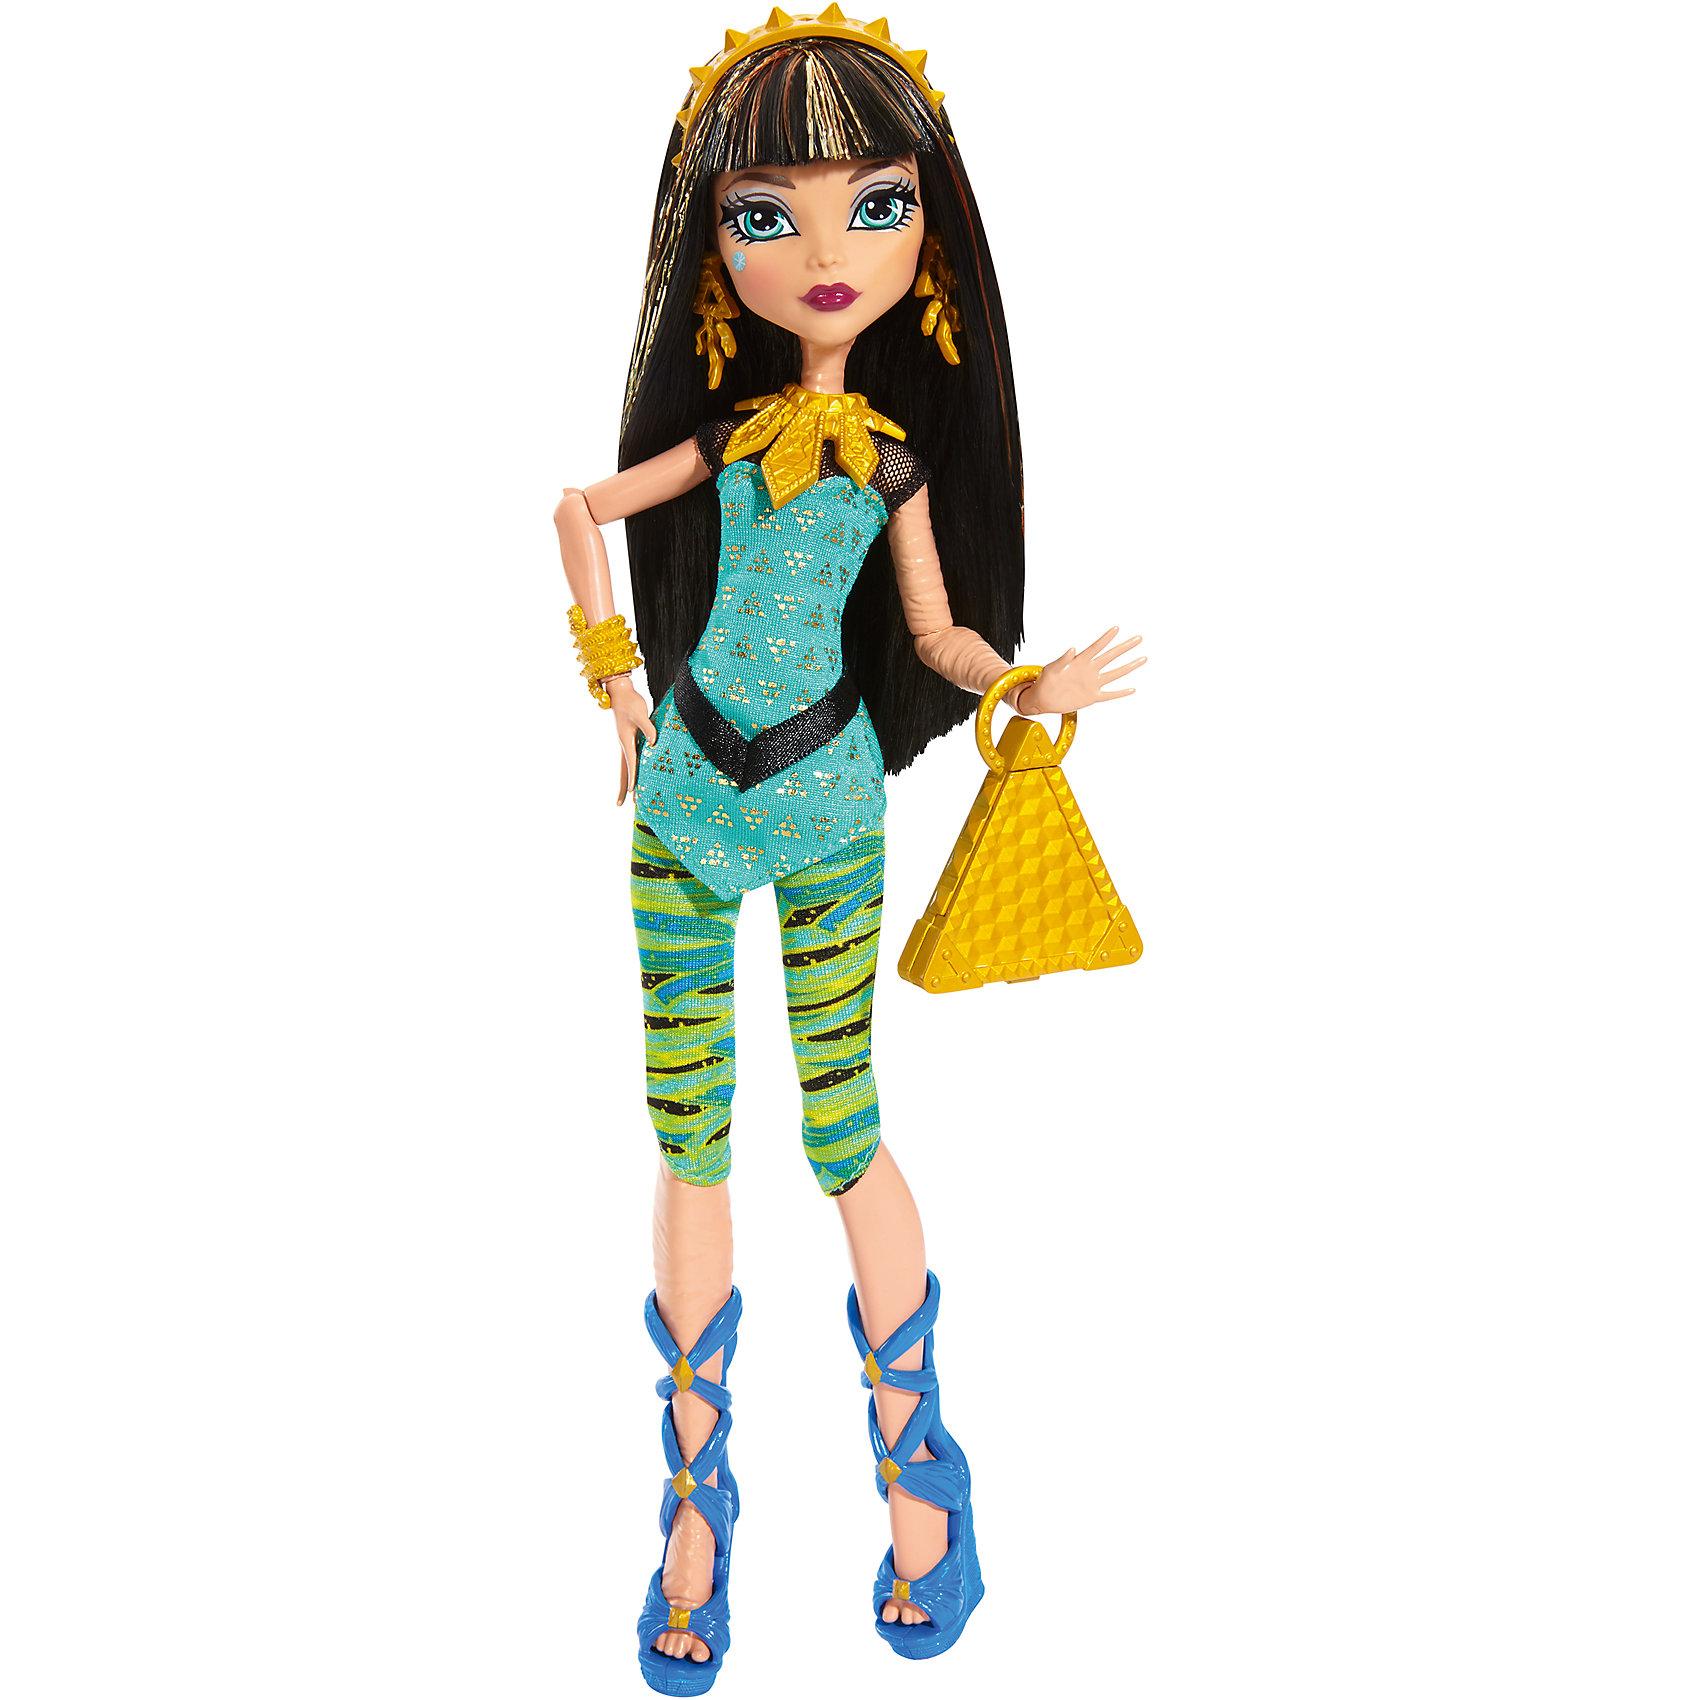 Кукла в модном наряде, Monster HighБренды кукол<br>Кукла в новом наряде  имеет уникальный наряд со съемными аксессуарами: ожерельем,сумочкой,туфлями. Благодаря этому, ребёнок сможет создать не один образ для куклы. С ней девочка придумает собственную фантастическую историю о куклах-монстрах. Необычность куклы развивает фантазию ребенка, а так же игра с ней подарит море положительных эмоций. <br>В товар входит:<br>-кукла<br>-аксессуары<br><br>Дополнительная информация:<br>-Размер упаковки:33 х 15 х6<br>-Вес:258 г<br>-Состав: текстиль, пластмасса<br>-Для девочек от 6 лет<br>-Марка: Mattel<br><br>Ширина мм: 339<br>Глубина мм: 154<br>Высота мм: 66<br>Вес г: 187<br>Возраст от месяцев: 72<br>Возраст до месяцев: 120<br>Пол: Женский<br>Возраст: Детский<br>SKU: 4973466